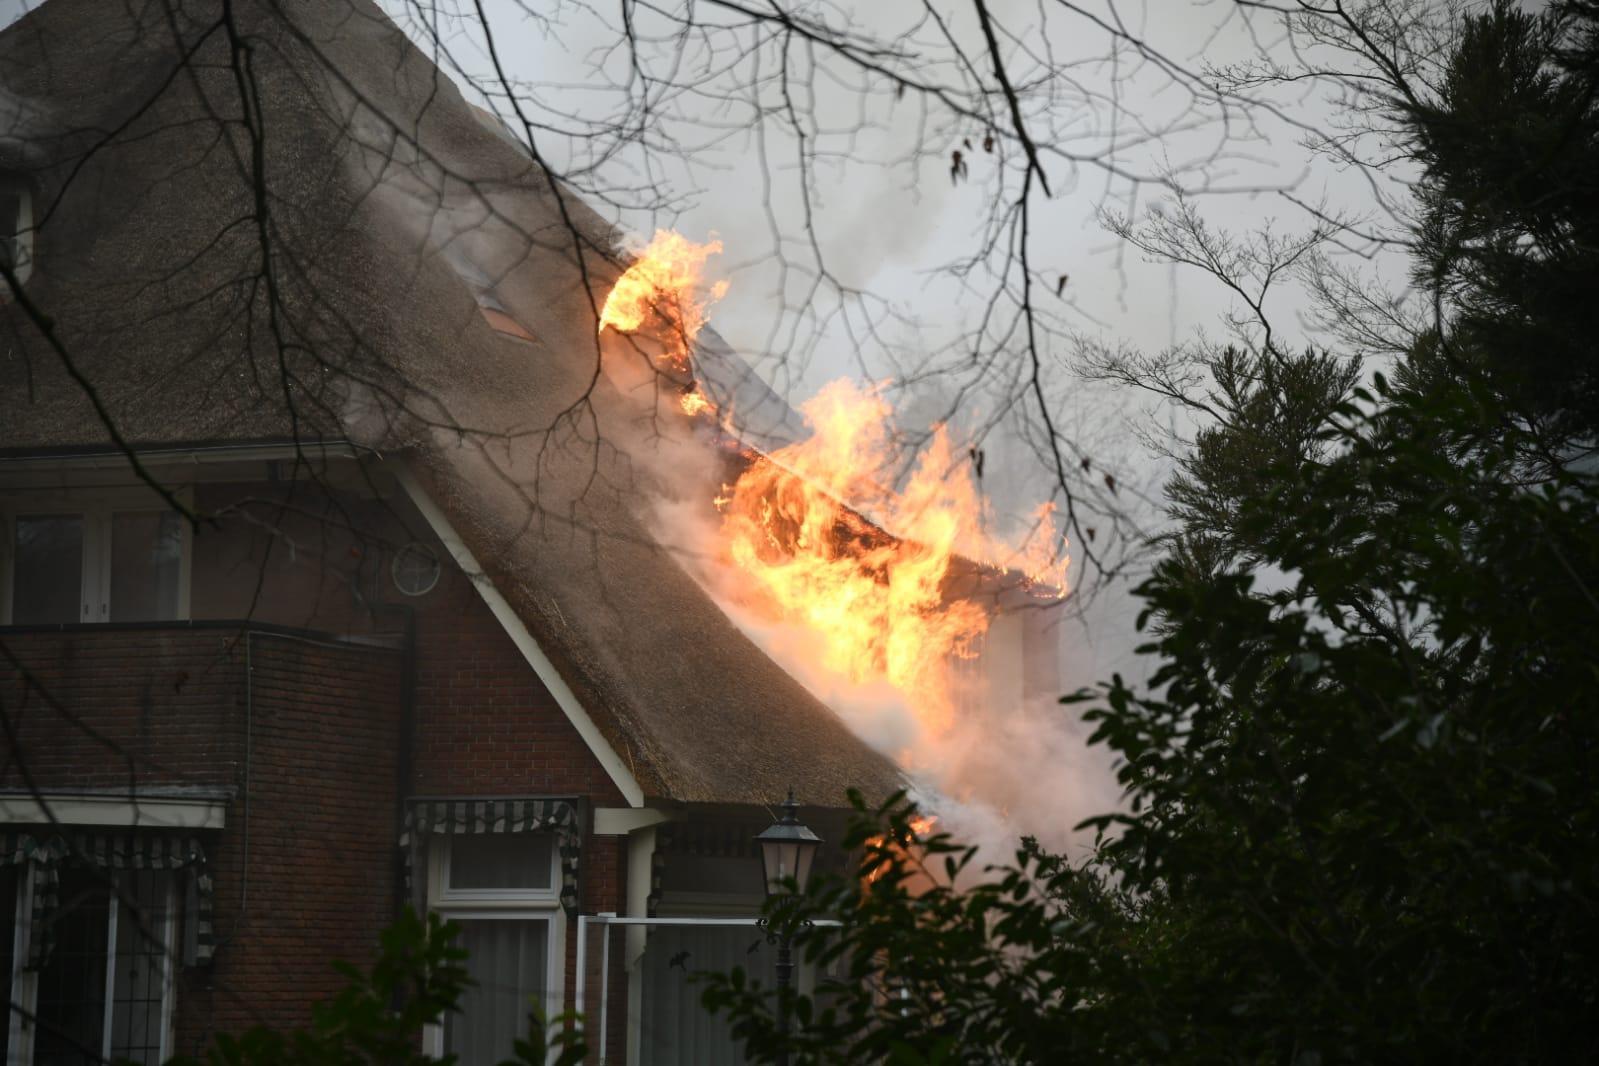 Vrijstaande villa in Bussum door brand verwoest, files op A1 door hevige rookontwikkeling [update]